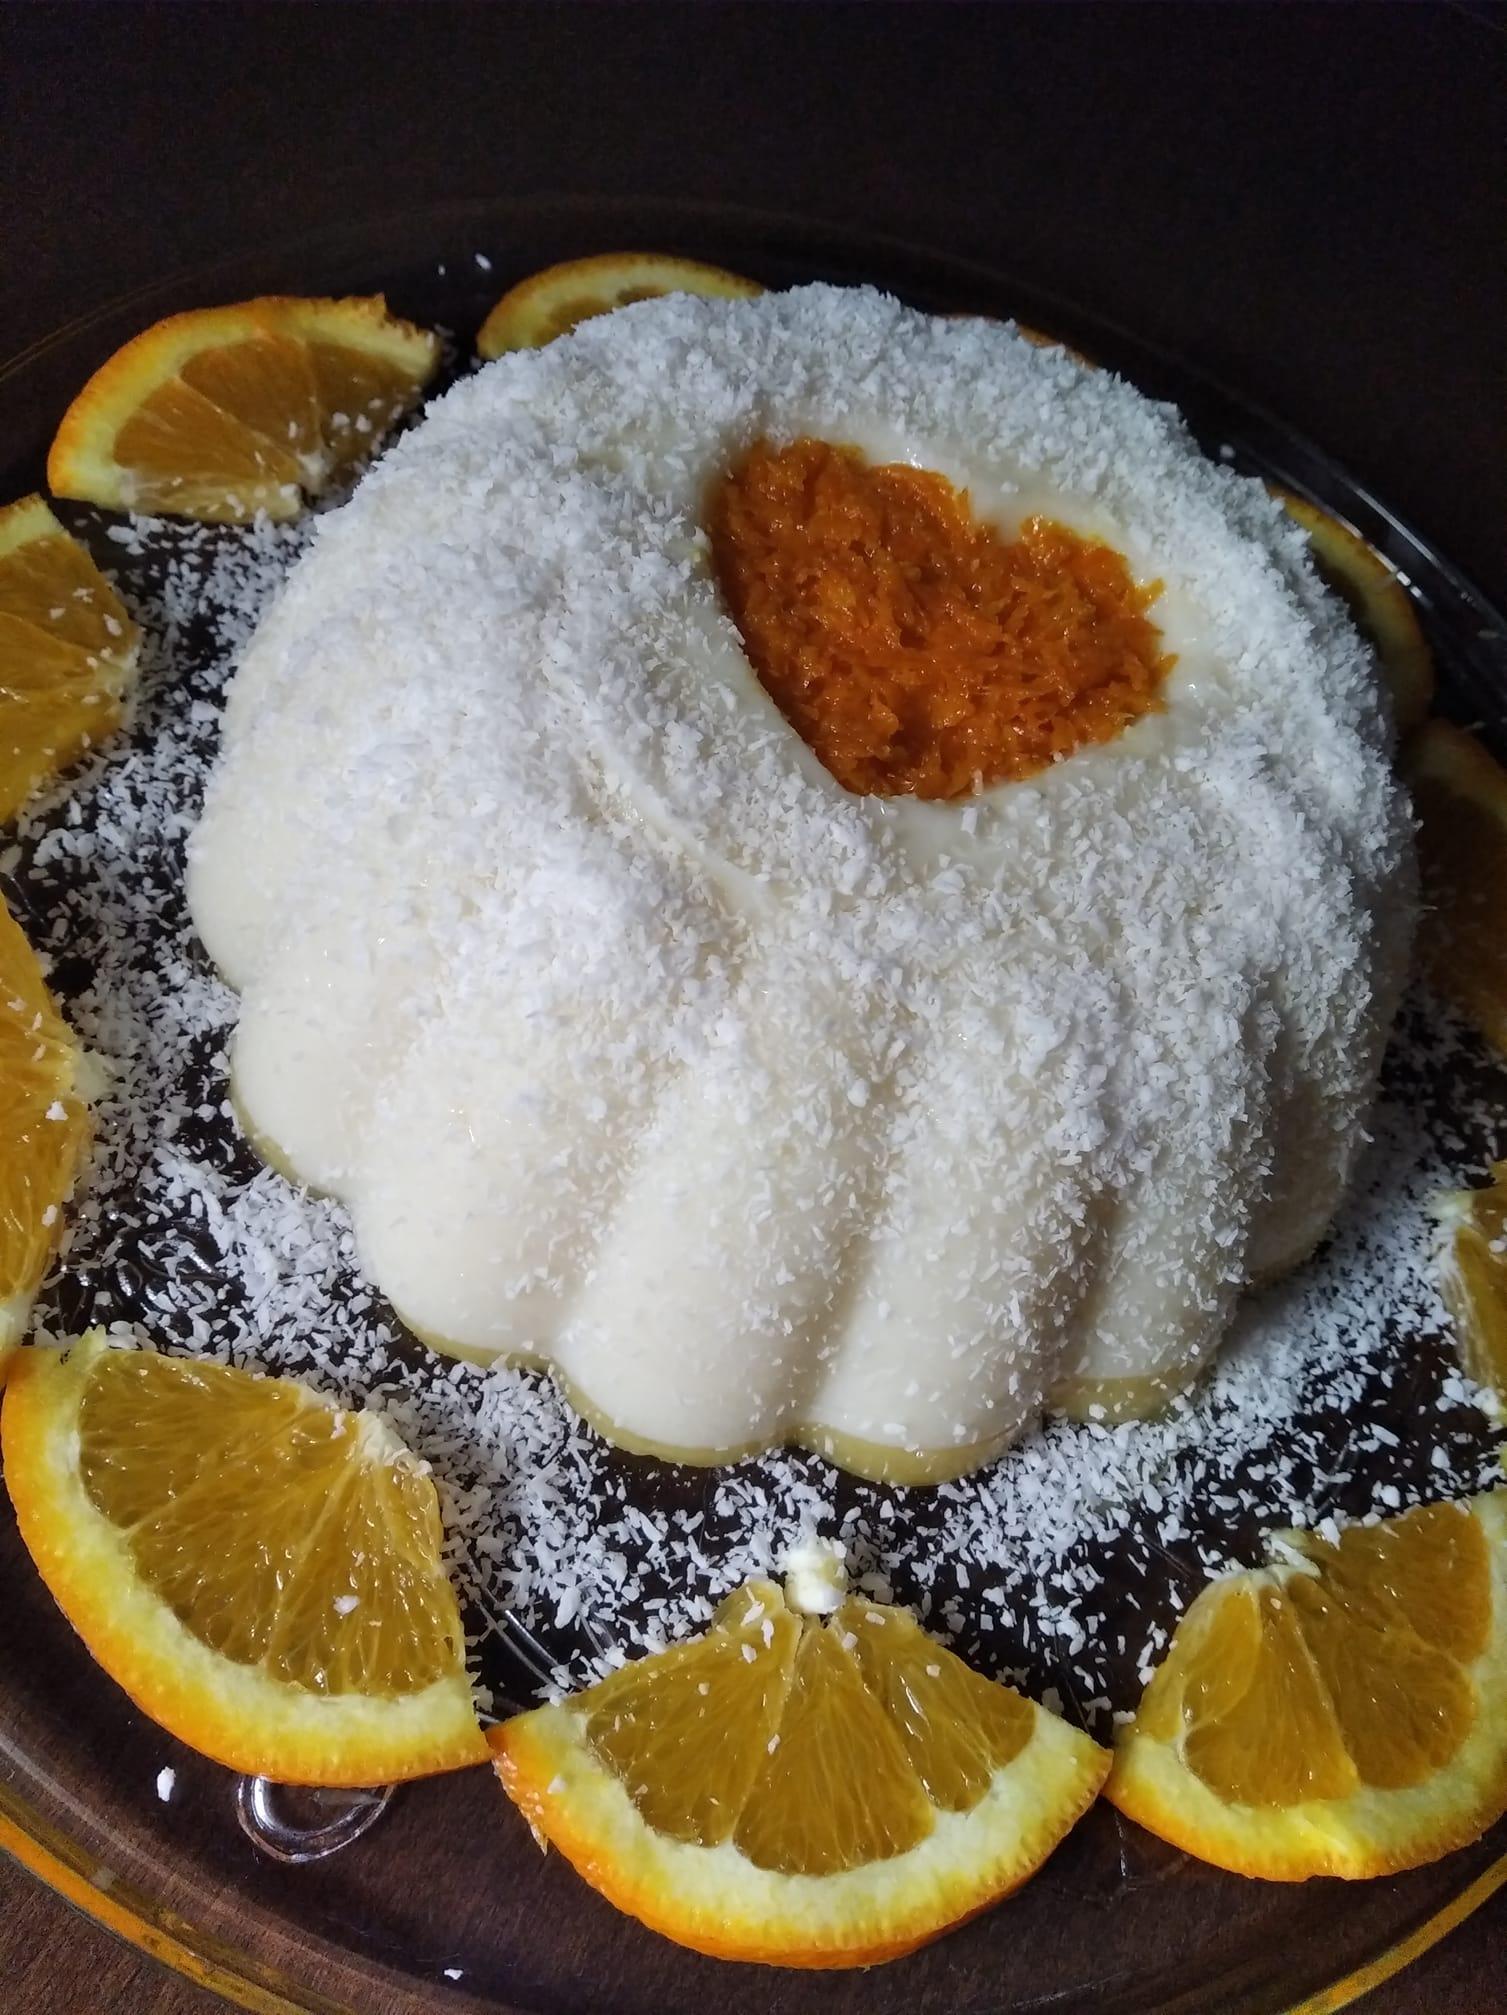 Δίχρωμη_ κρέμα_ σε _φόρμα_ πορτοκάλι-βανίλια_ Συνταγή_